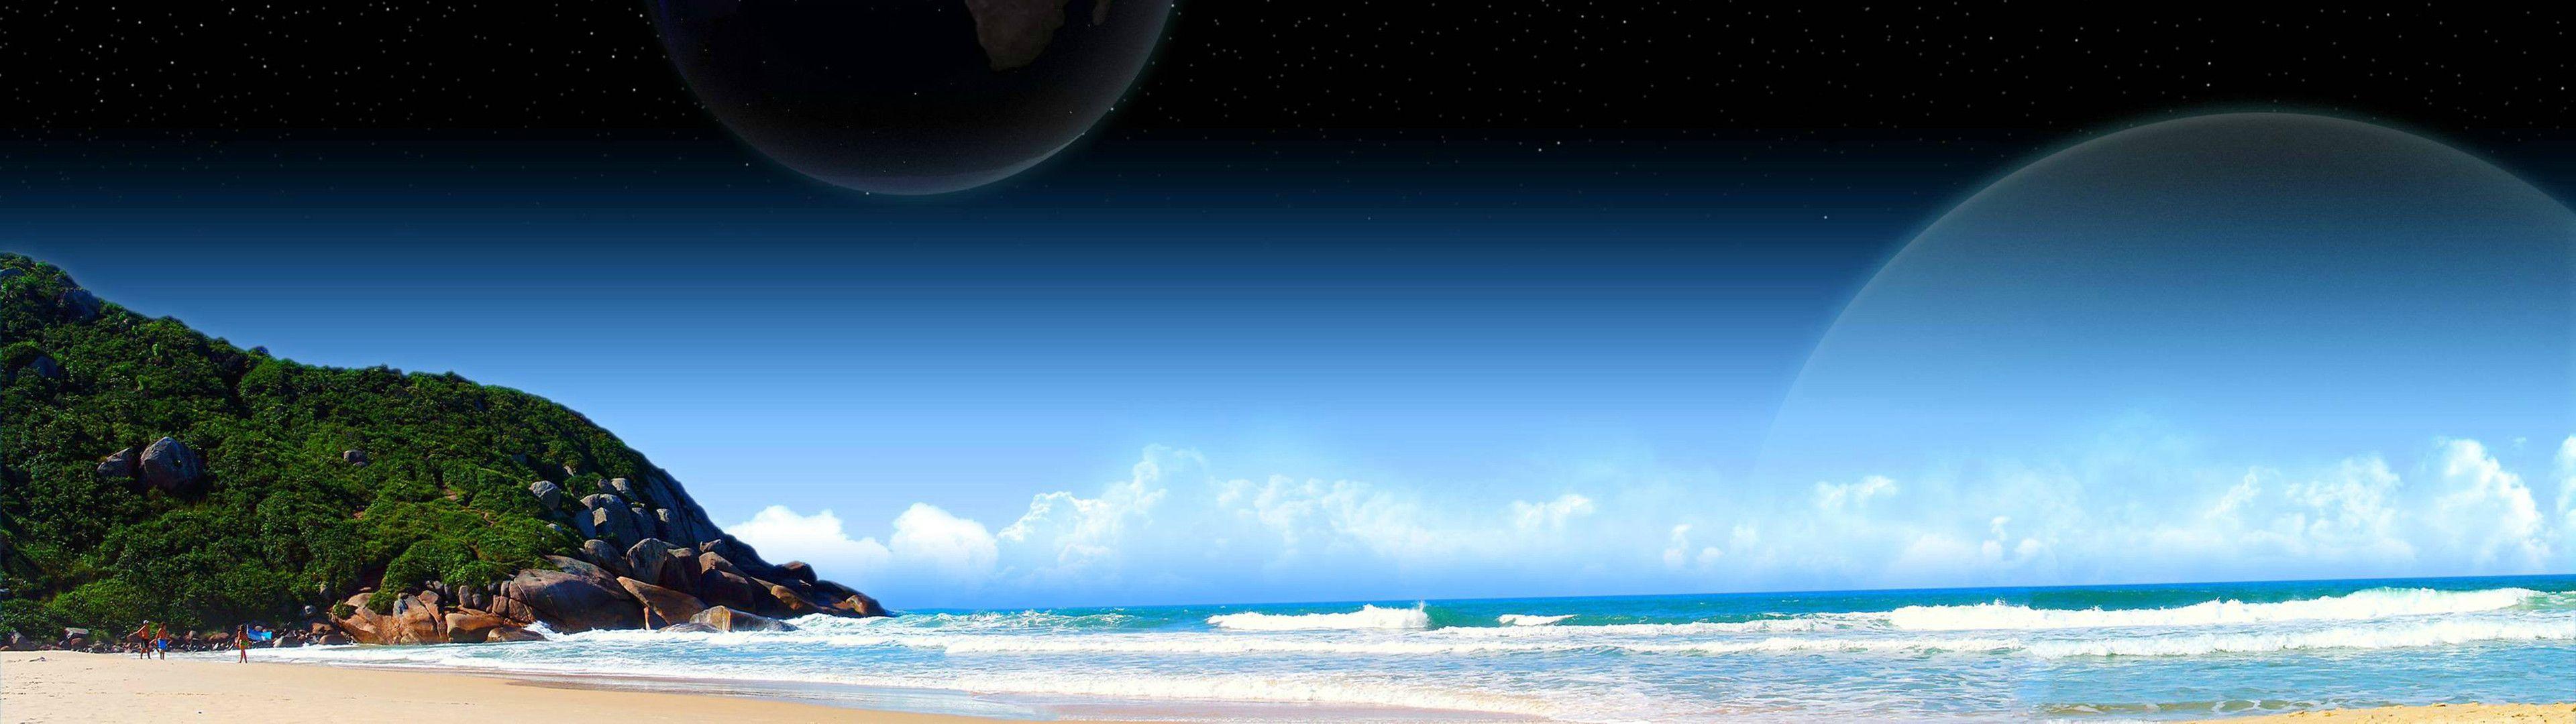 moon beach Dual monitor wallpaper, Beach pictures, Dual